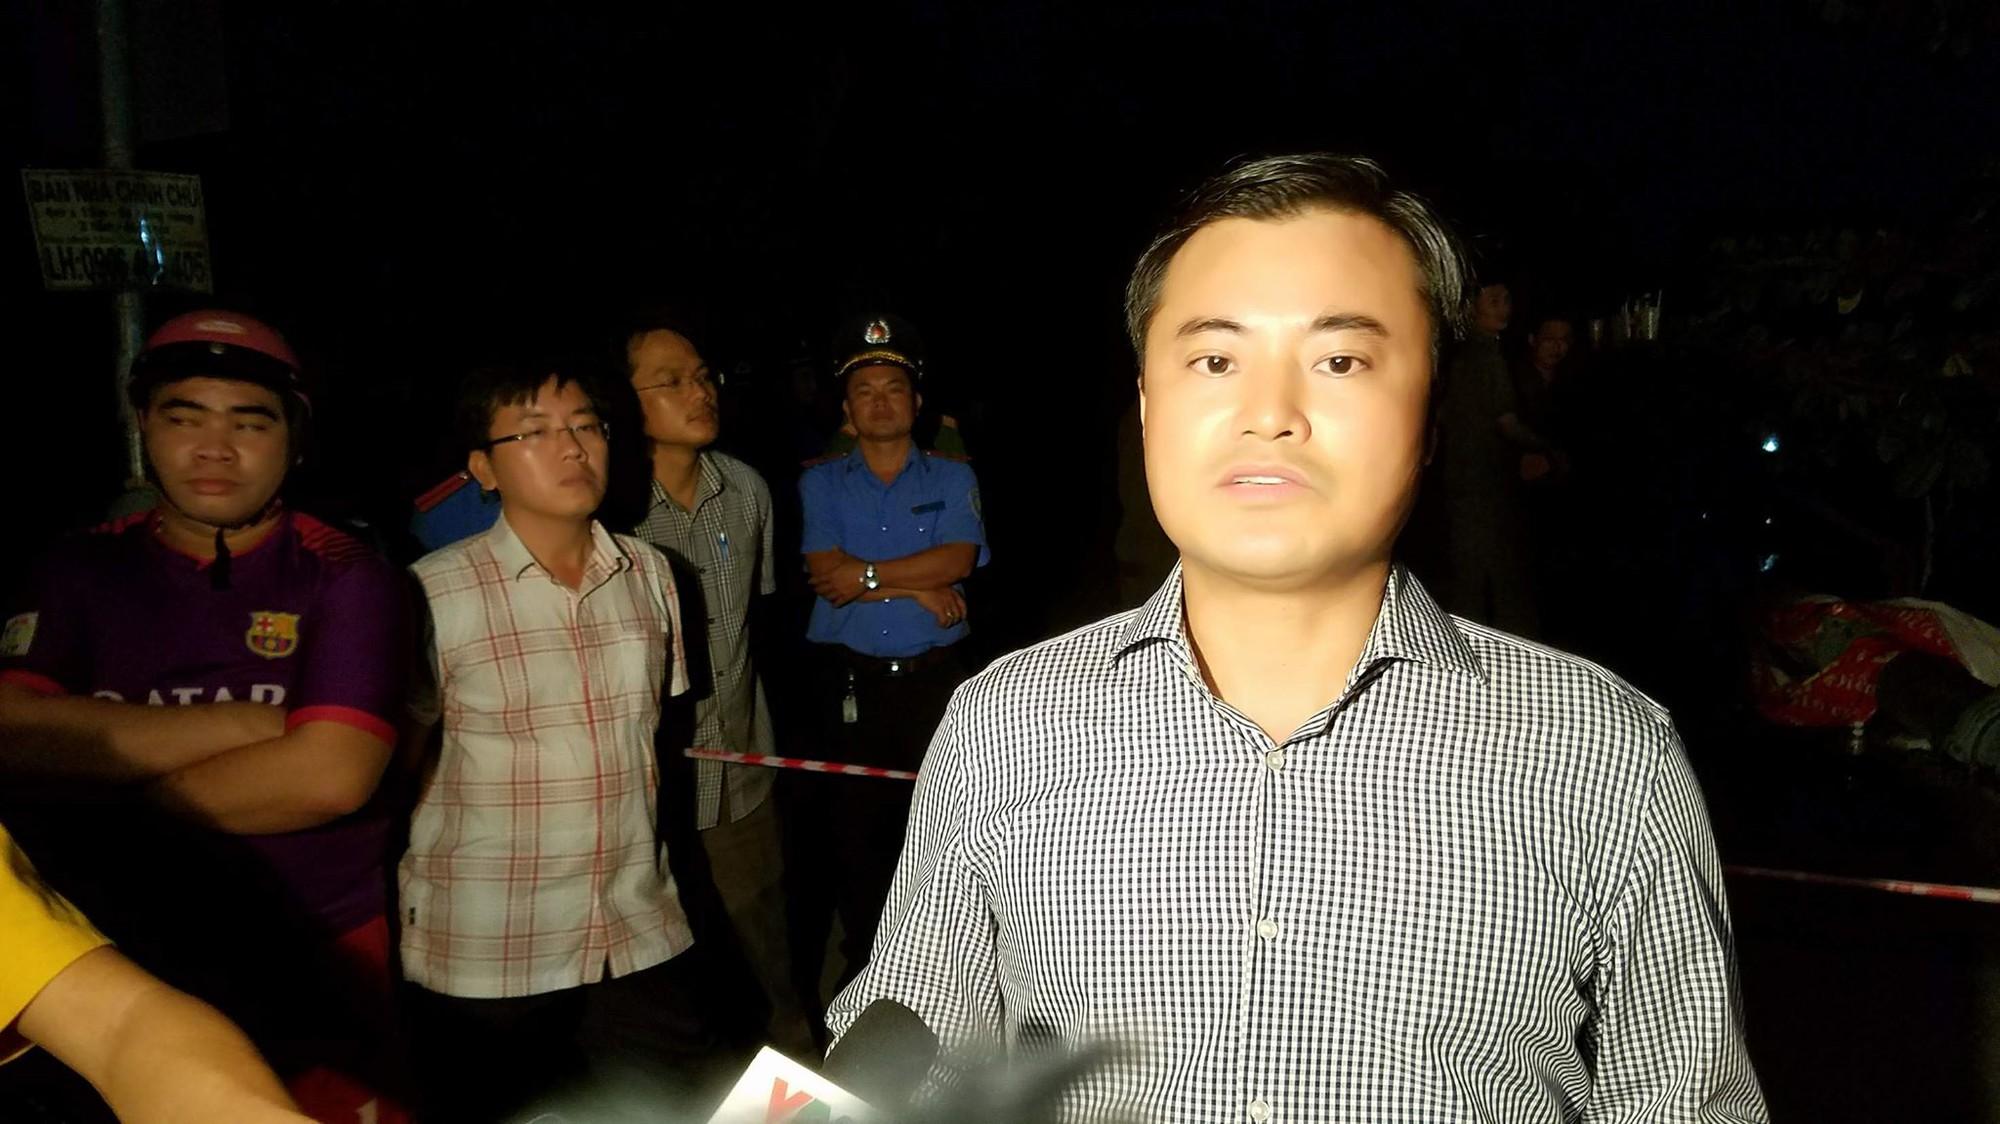 Nhân chứng vụ sập cầu ở Sài Gòn: Tài xế chỉ kịp kêu lên Cứu, cứu rồi chiếc xe tải chìm dần - Ảnh 14.